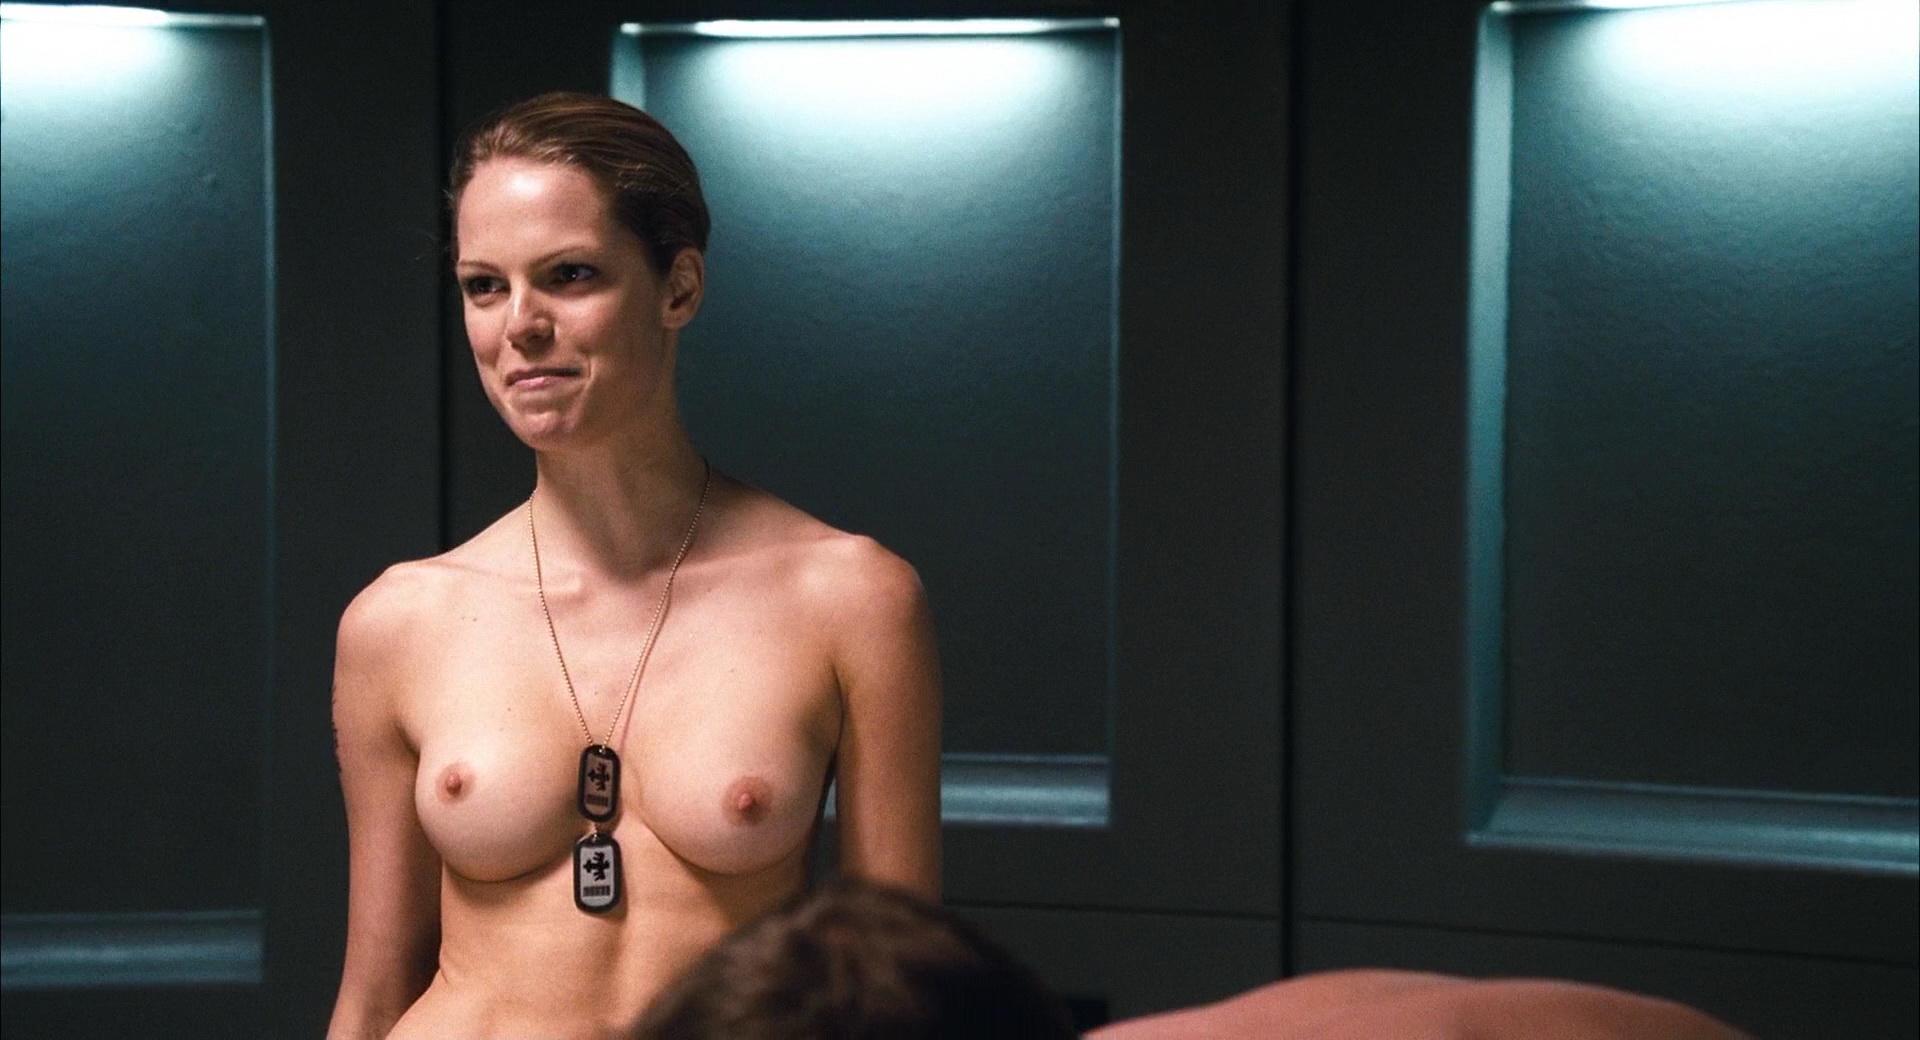 Tanya van graan nude